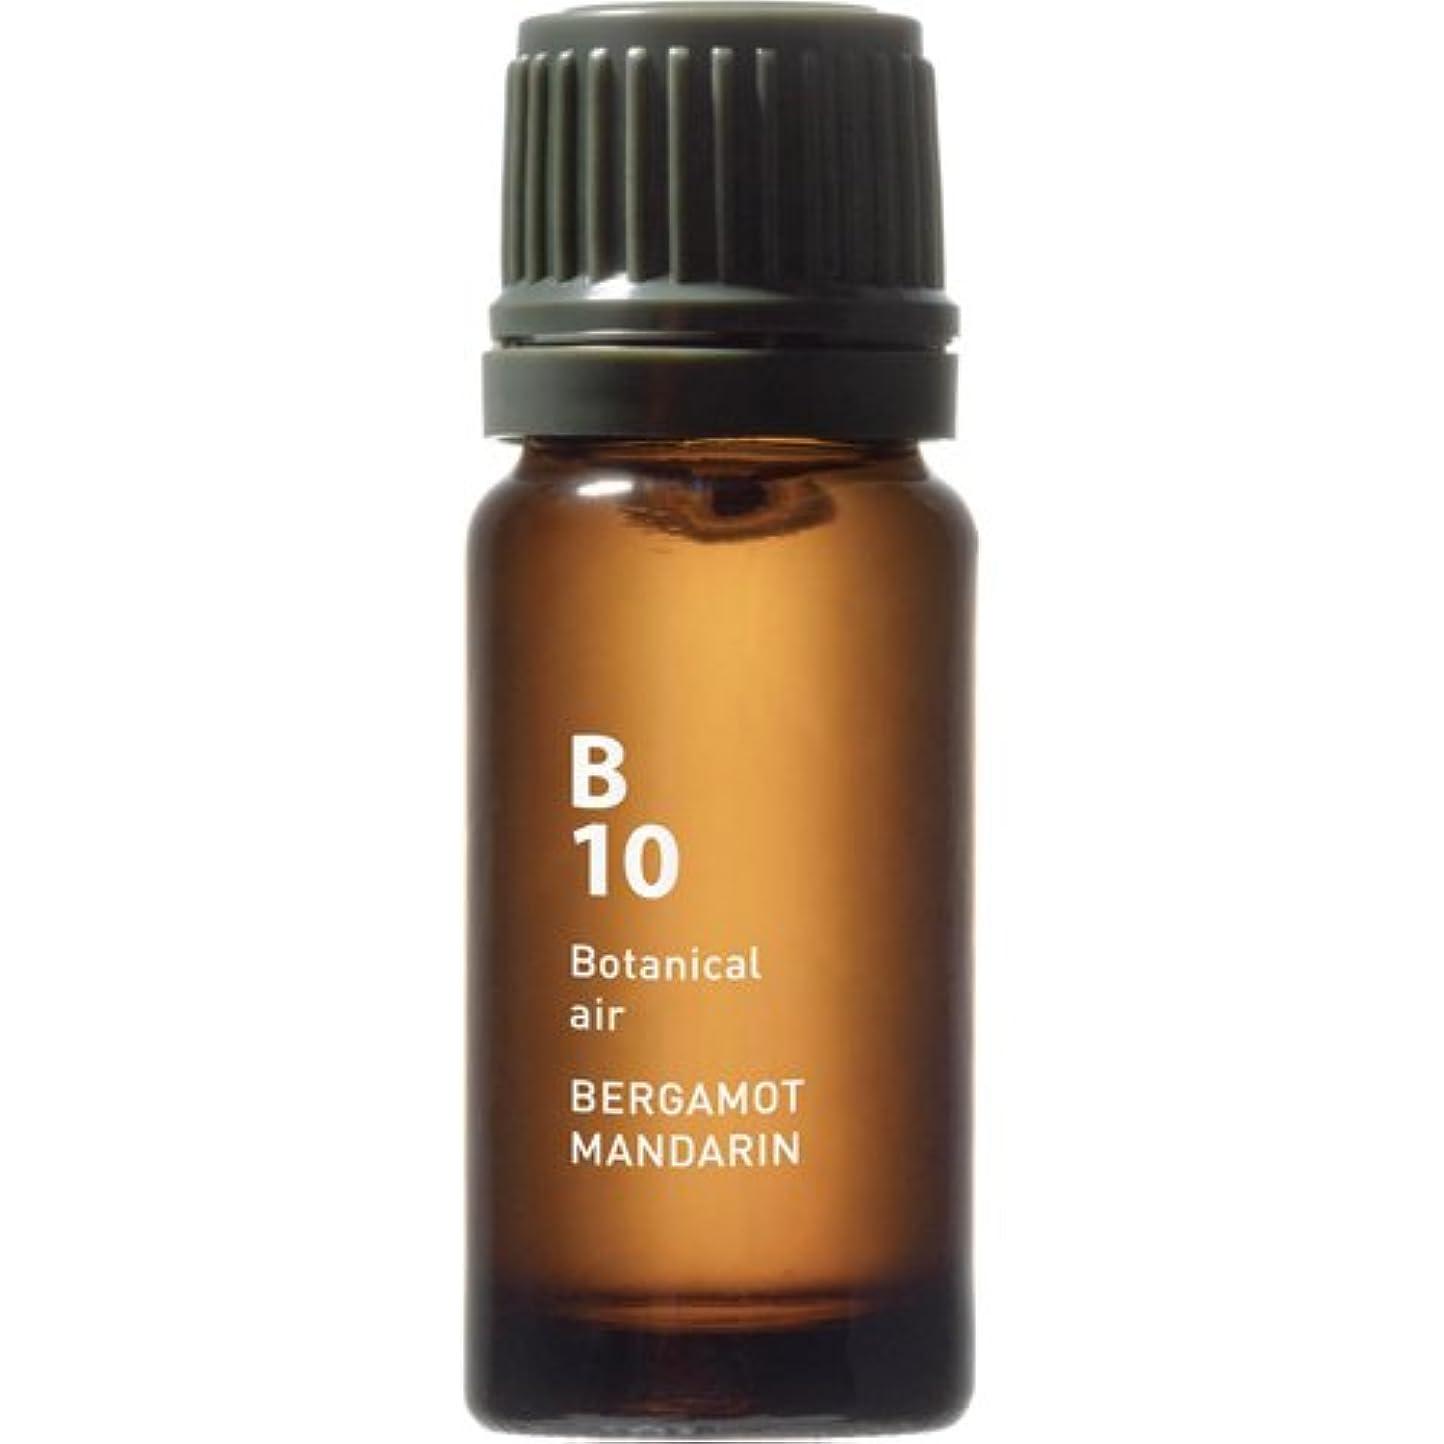 疑問に思う内なるトランスペアレントB10 ベルガモットマンダリン Botanical air(ボタニカルエアー) 10ml